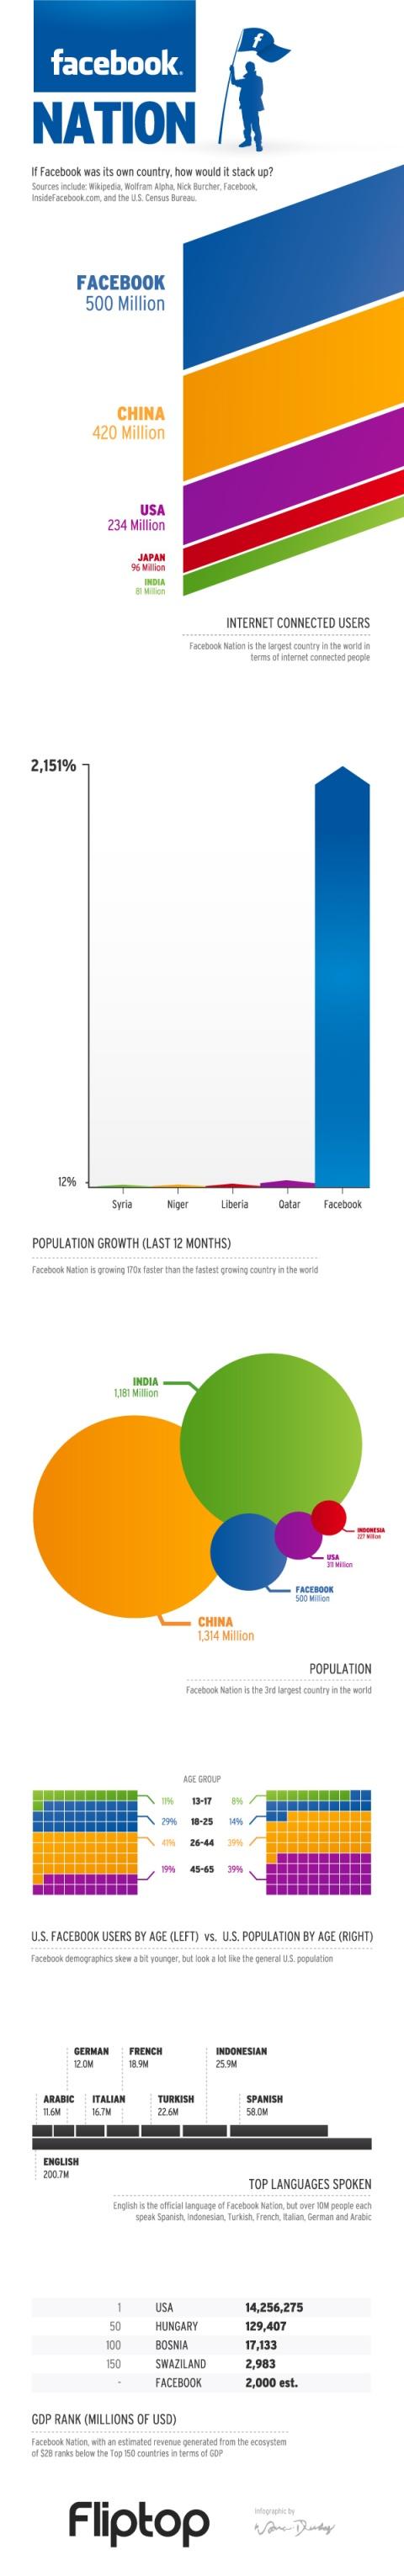 O facebook é um país?